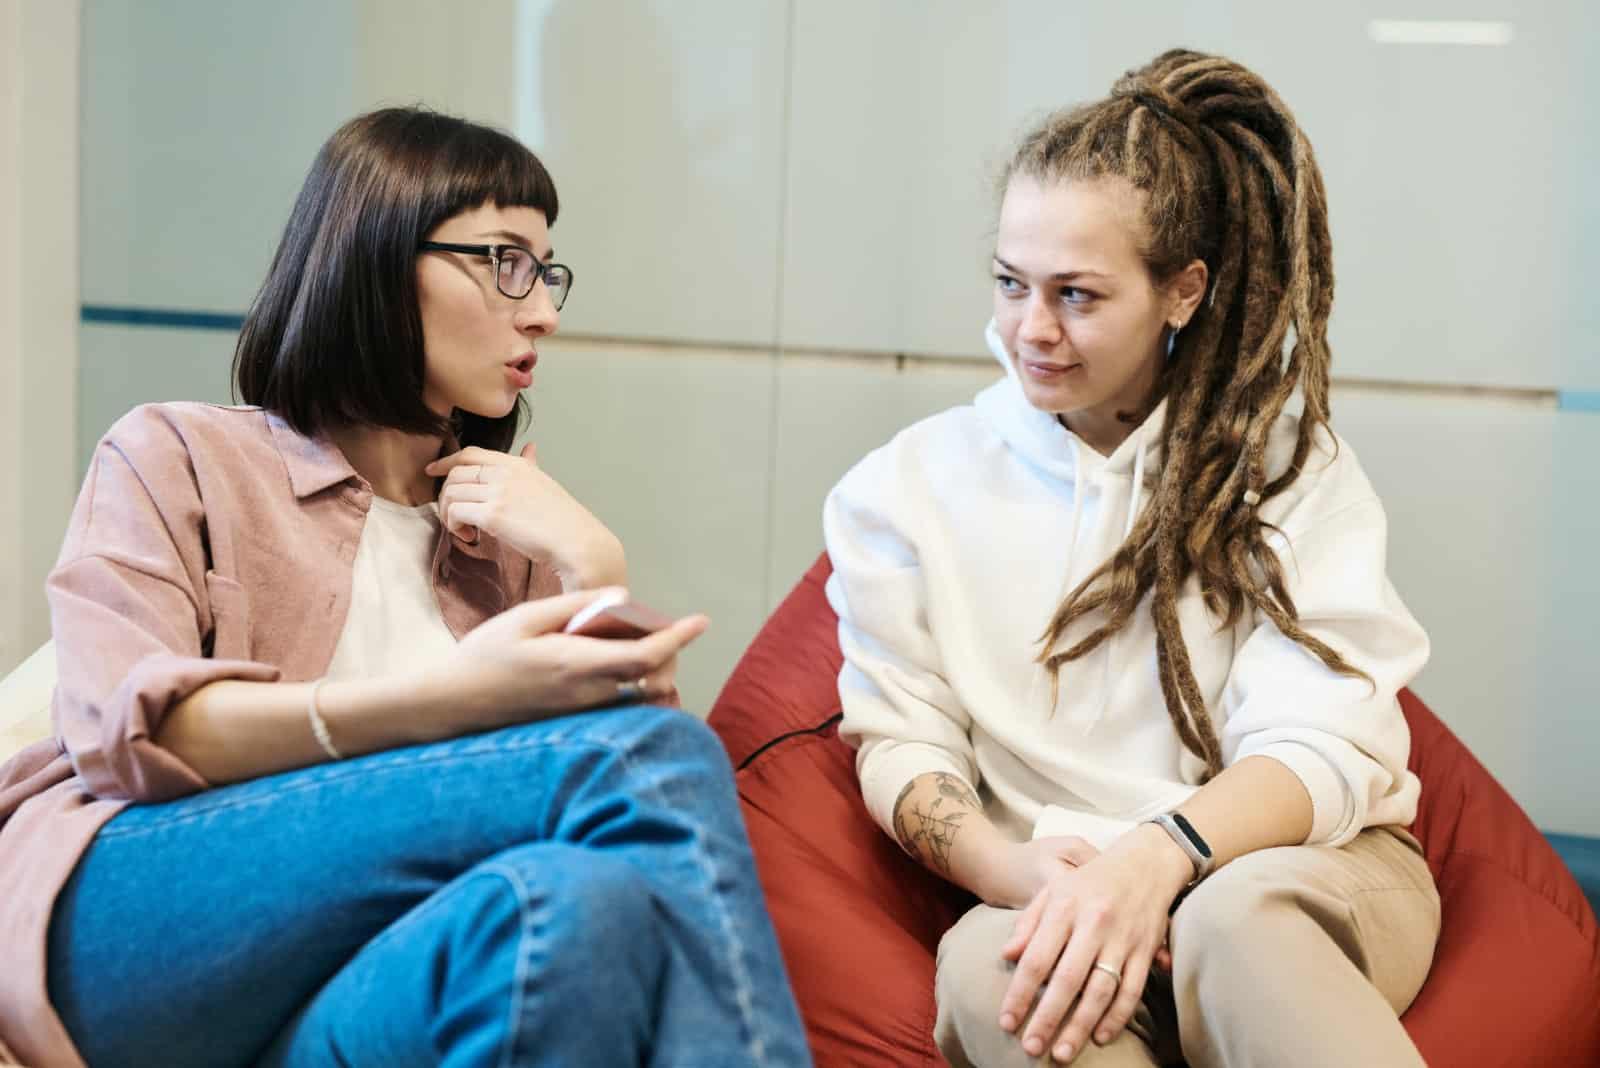 deux femmes discutant assises sur des sacs de repos